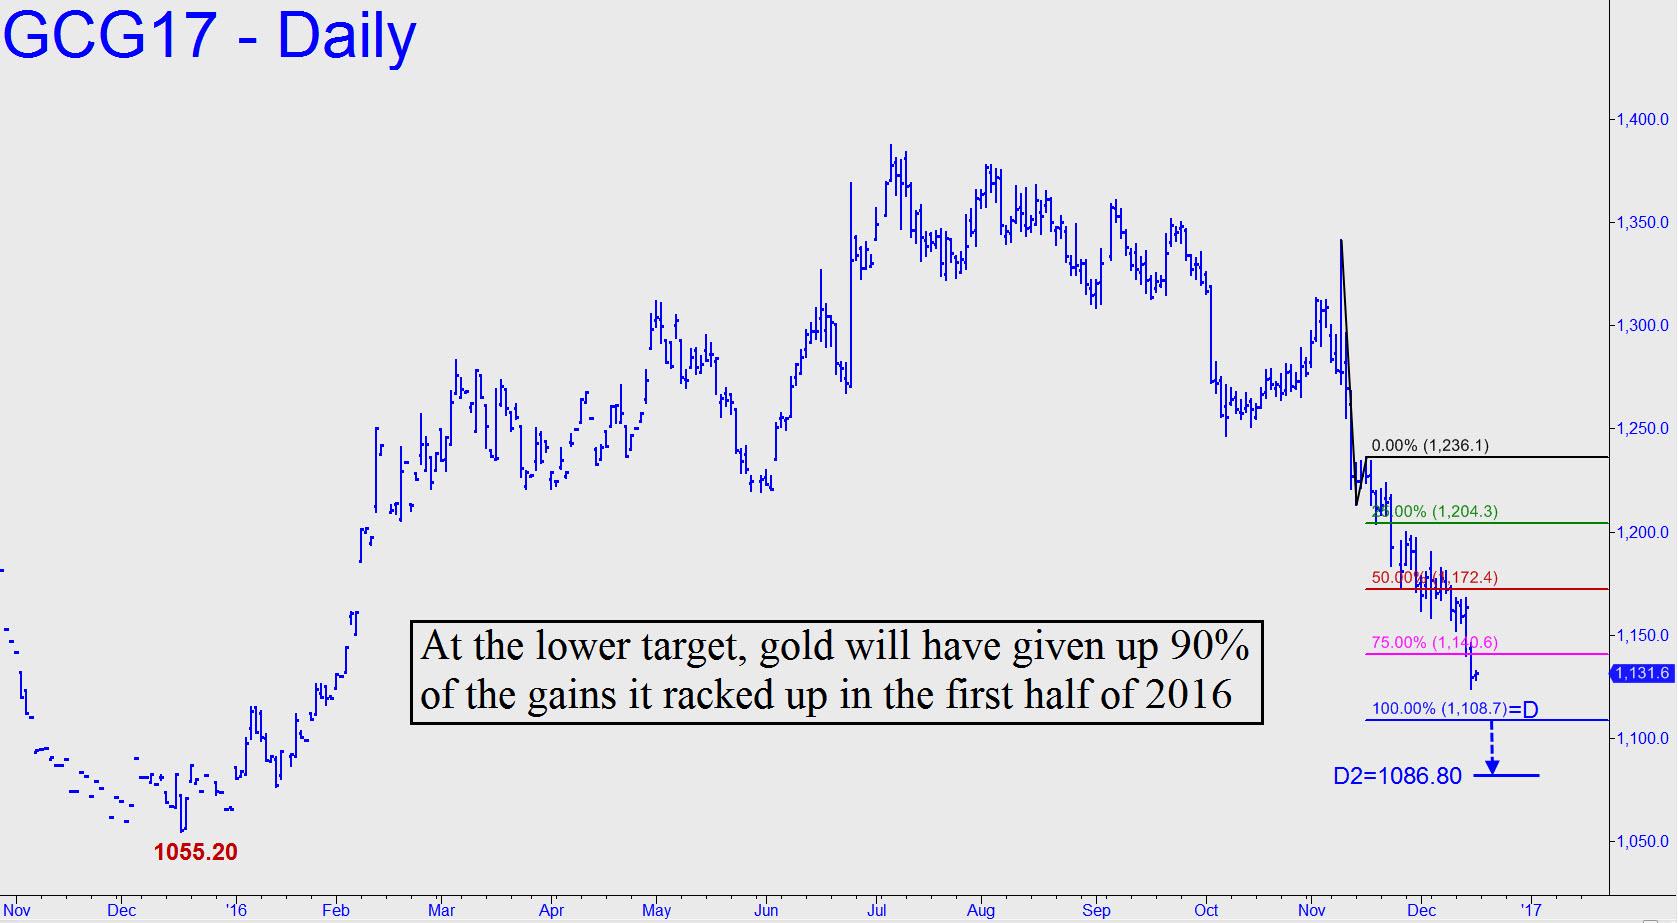 prix de l'or, de l'argent et des minières / suivi 2015 et ultérieurement - Page 7 At-the-lower-target